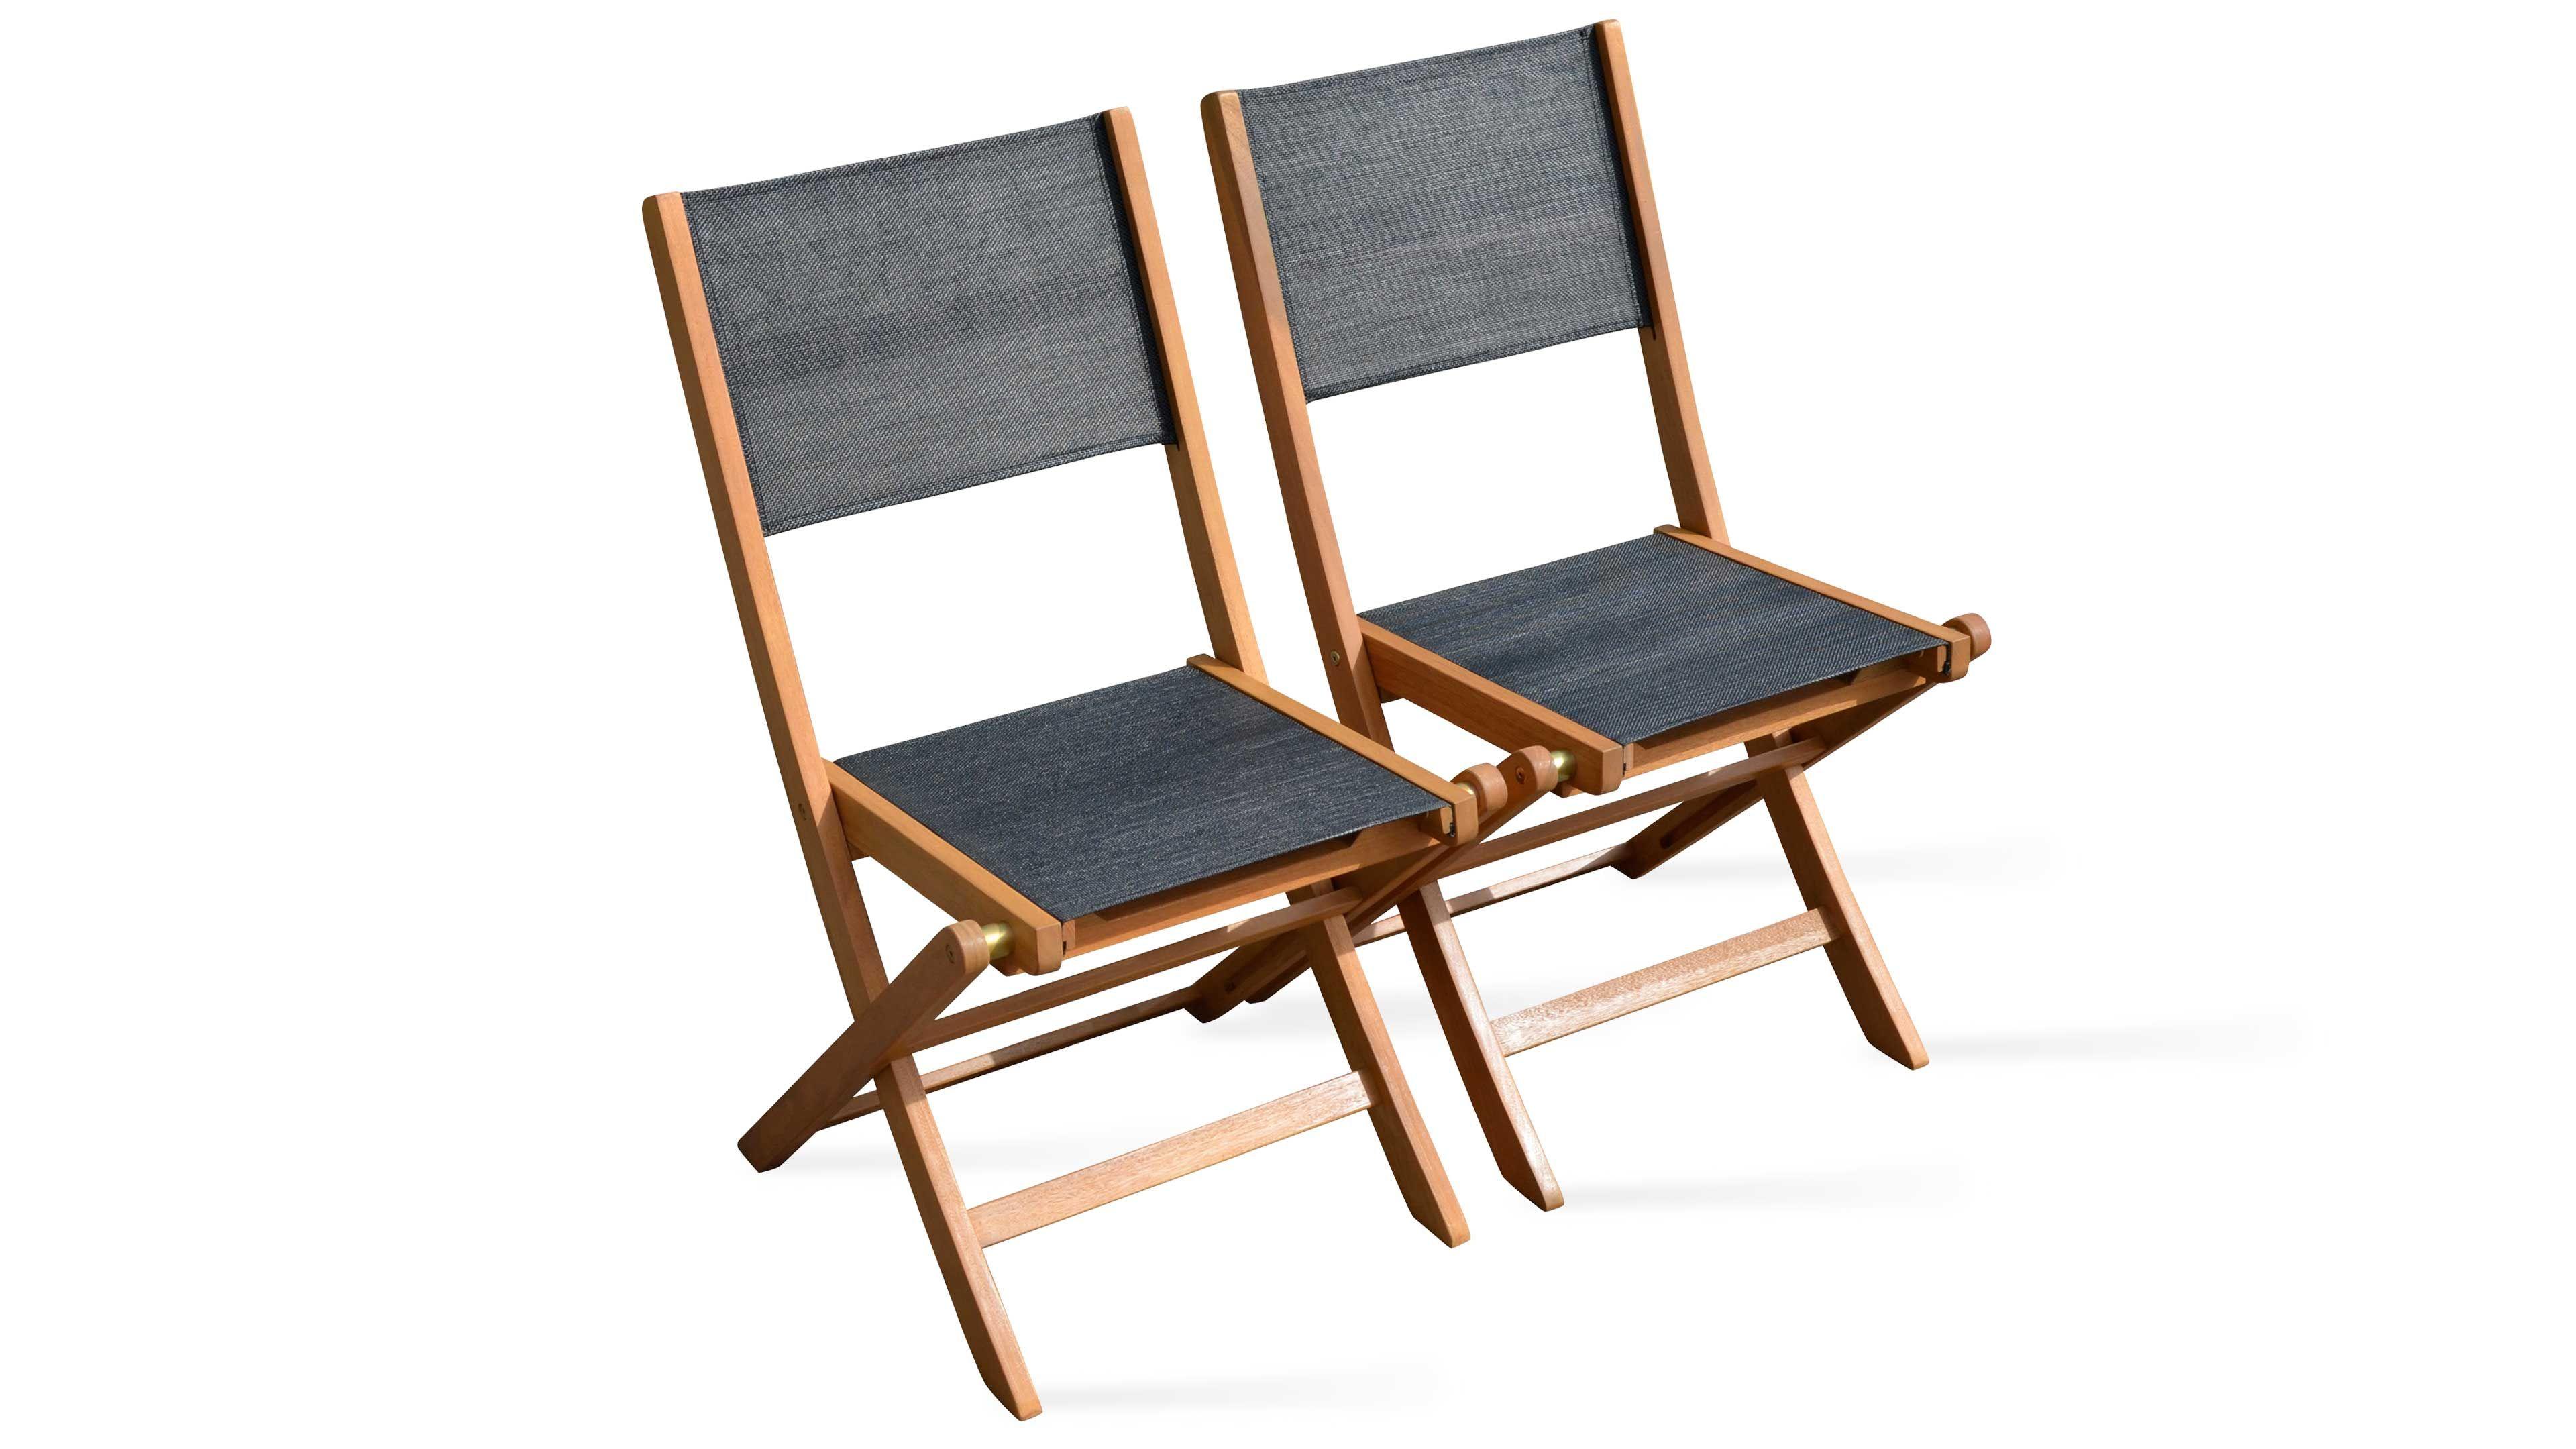 Chaise De Jardin Pliante En Bois | Oviala intérieur Chaise Suspendue Jardin